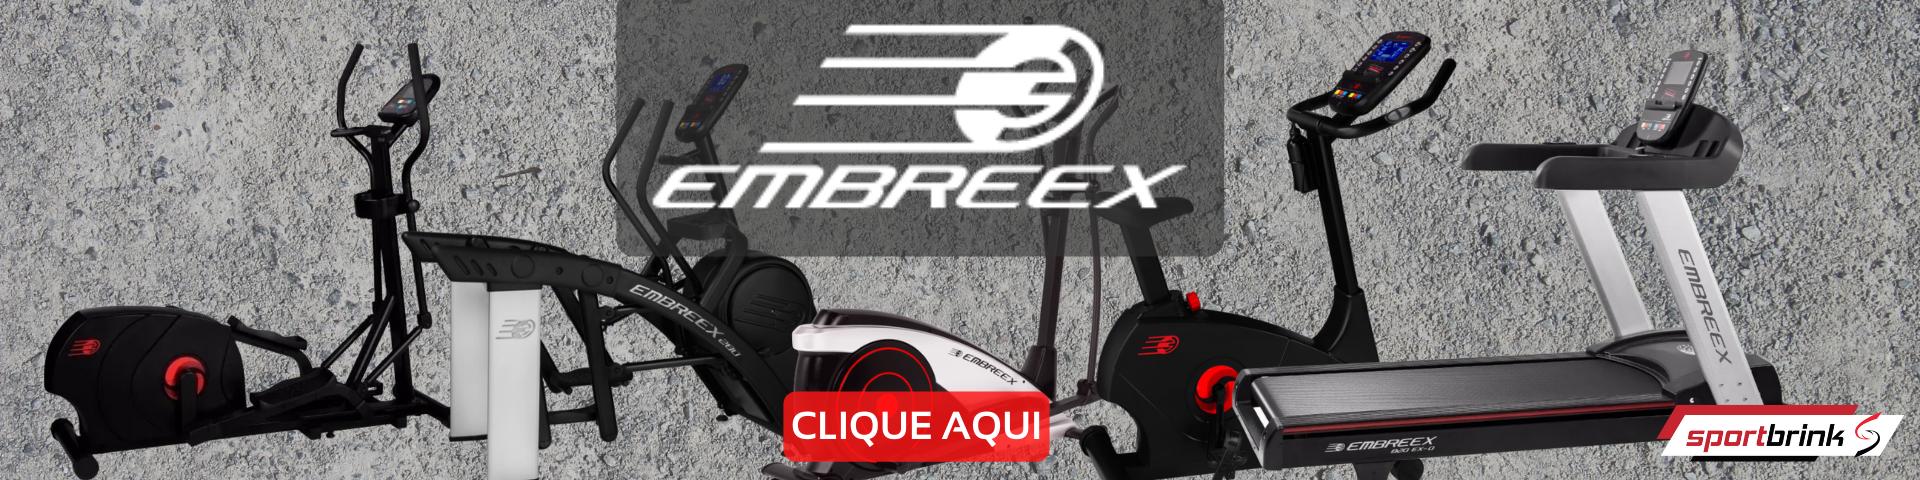 https://www.sportbrink.com.br/esporte-e-lazer/bike